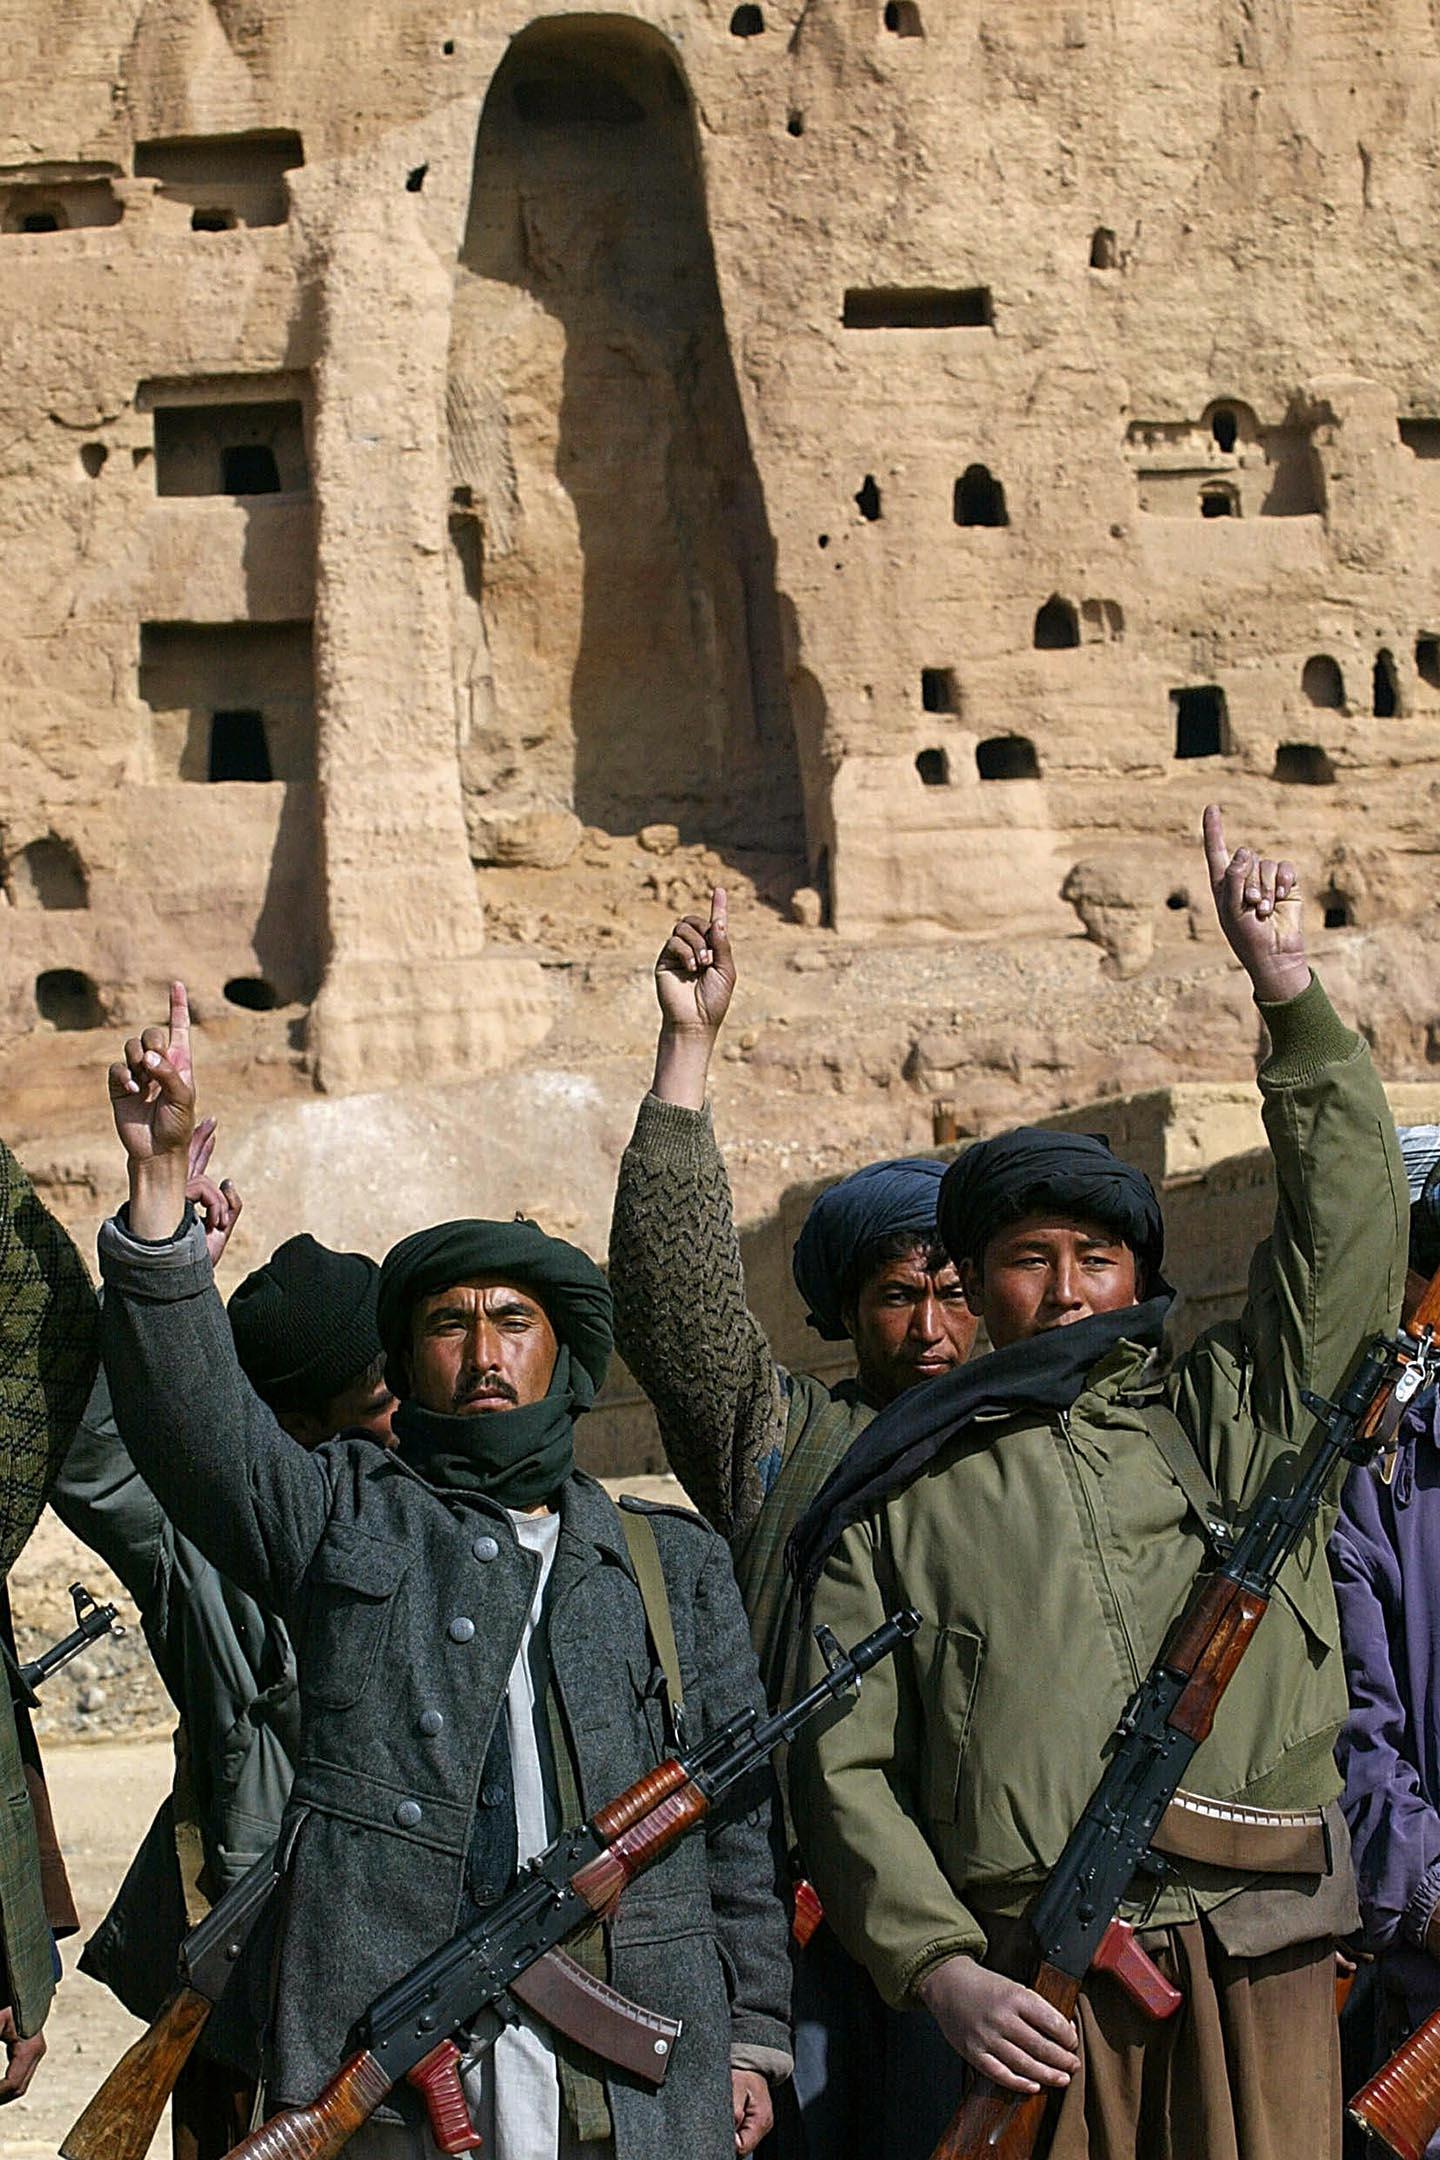 2002年2月20日阿富汗巴米揚,士兵在被摧毀的佛像前。